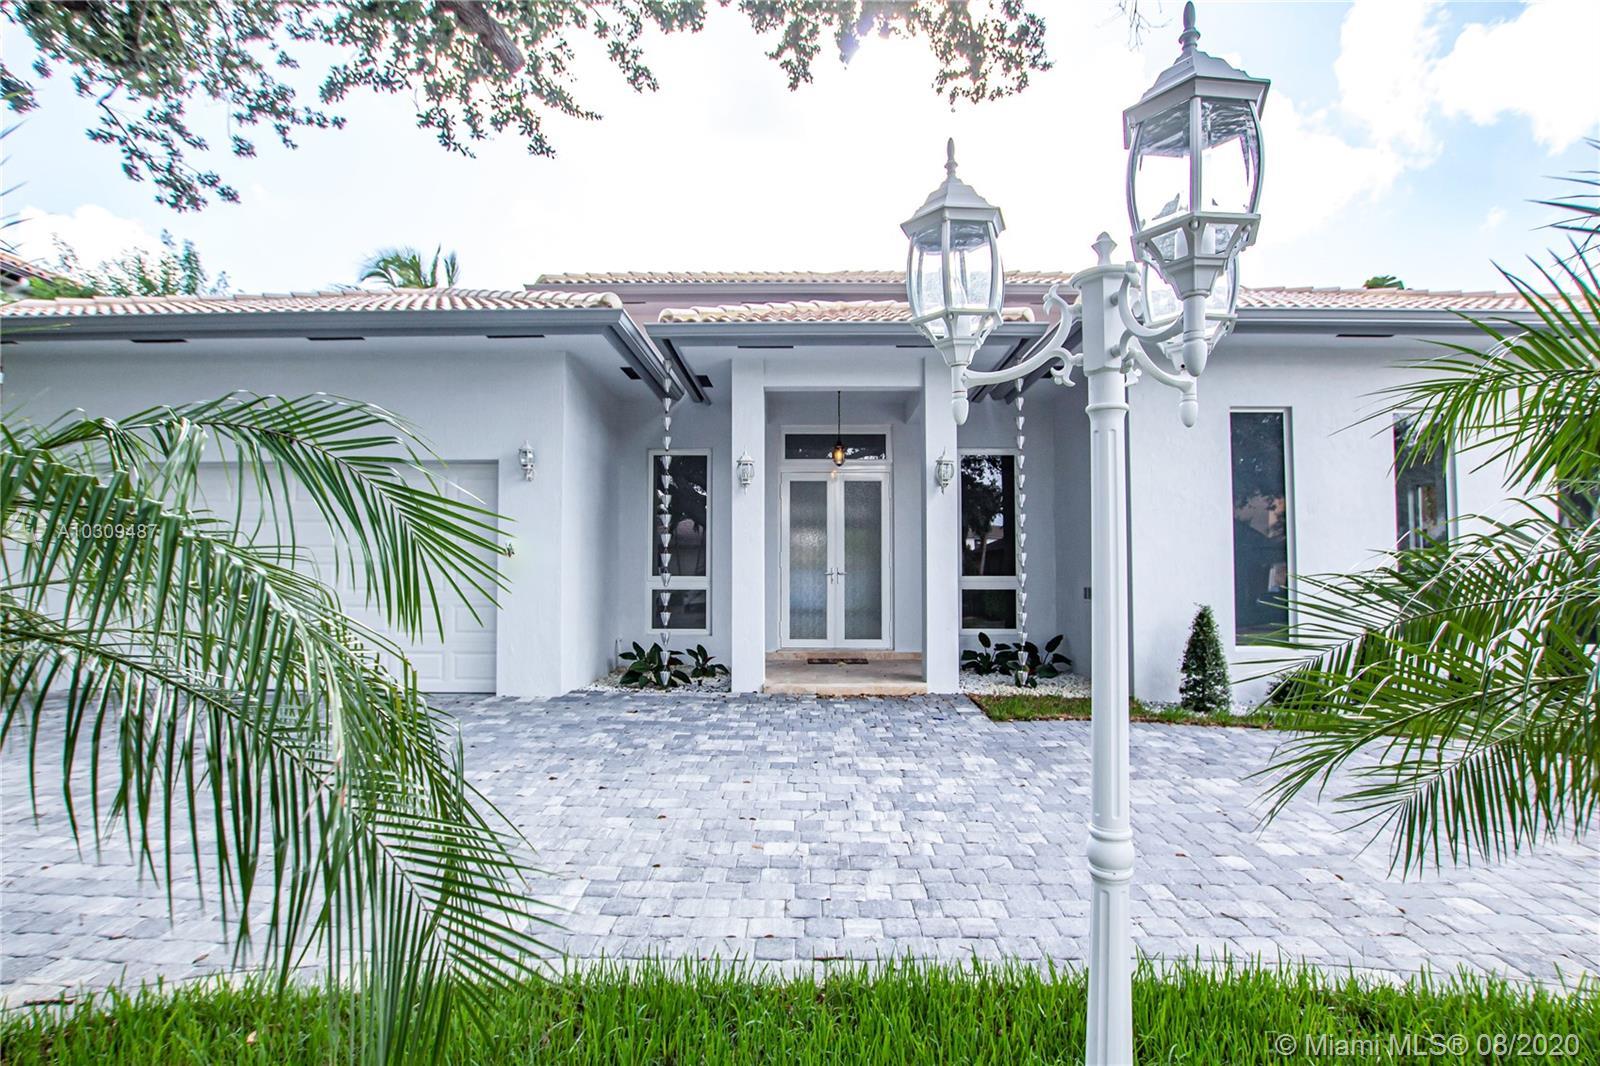 16907 NW 83rd Pl, Miami Lakes, Florida image 1